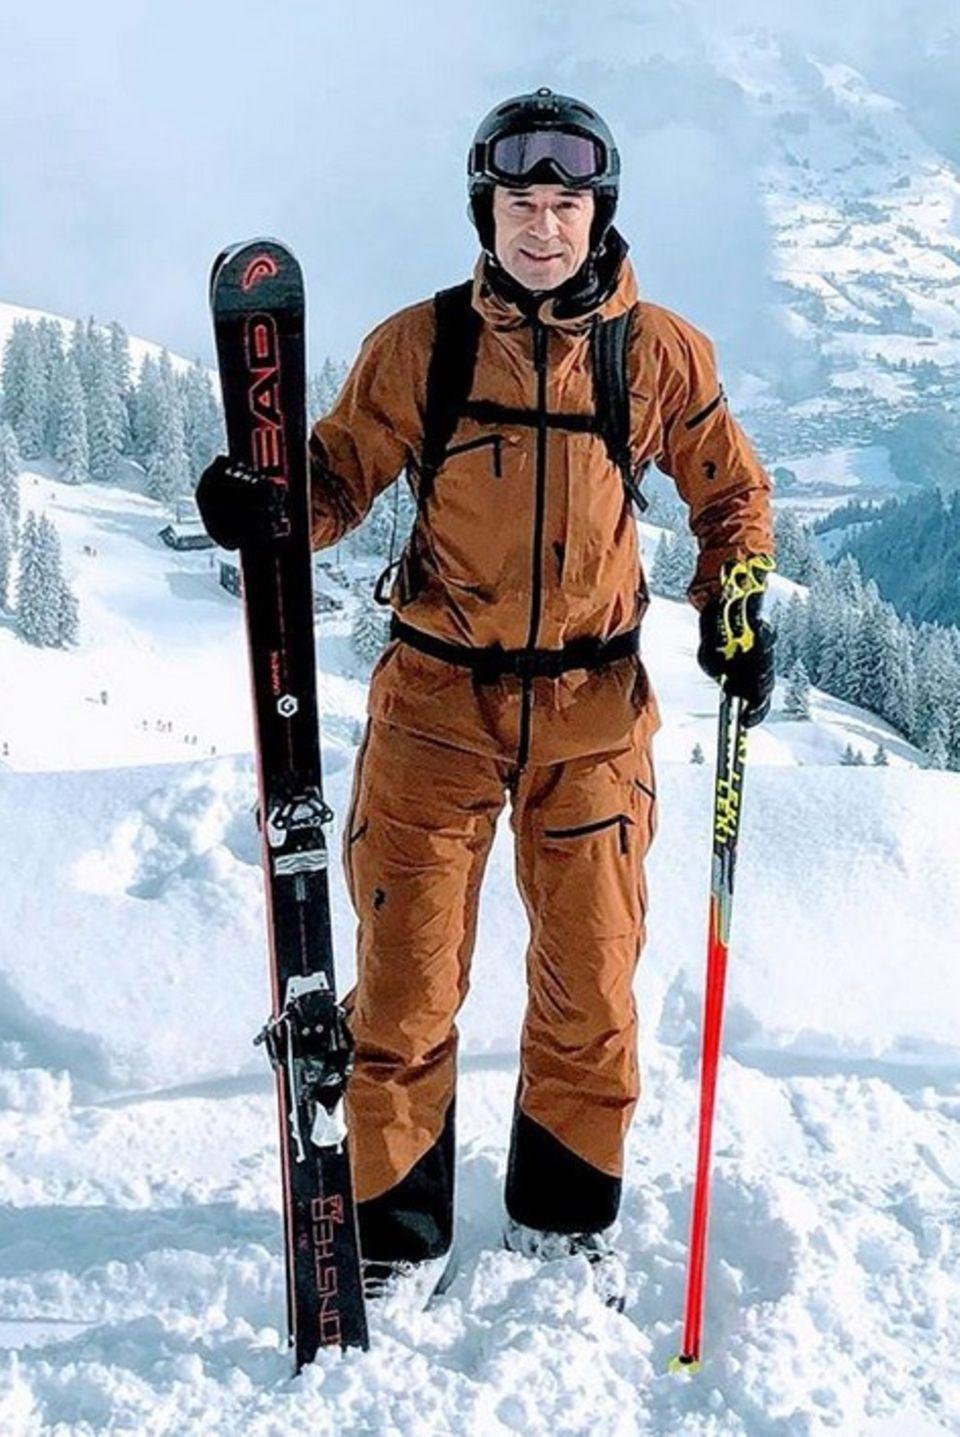 Kai Pflaume bekundet auf Instagram seine Leidenschaft für Wintersport. In den Tiroler Bergen genießt der Moderator eine Auszeit vom Alltag. Zum Glück hat er es von seinem Wohnort München nicht allzu weit.